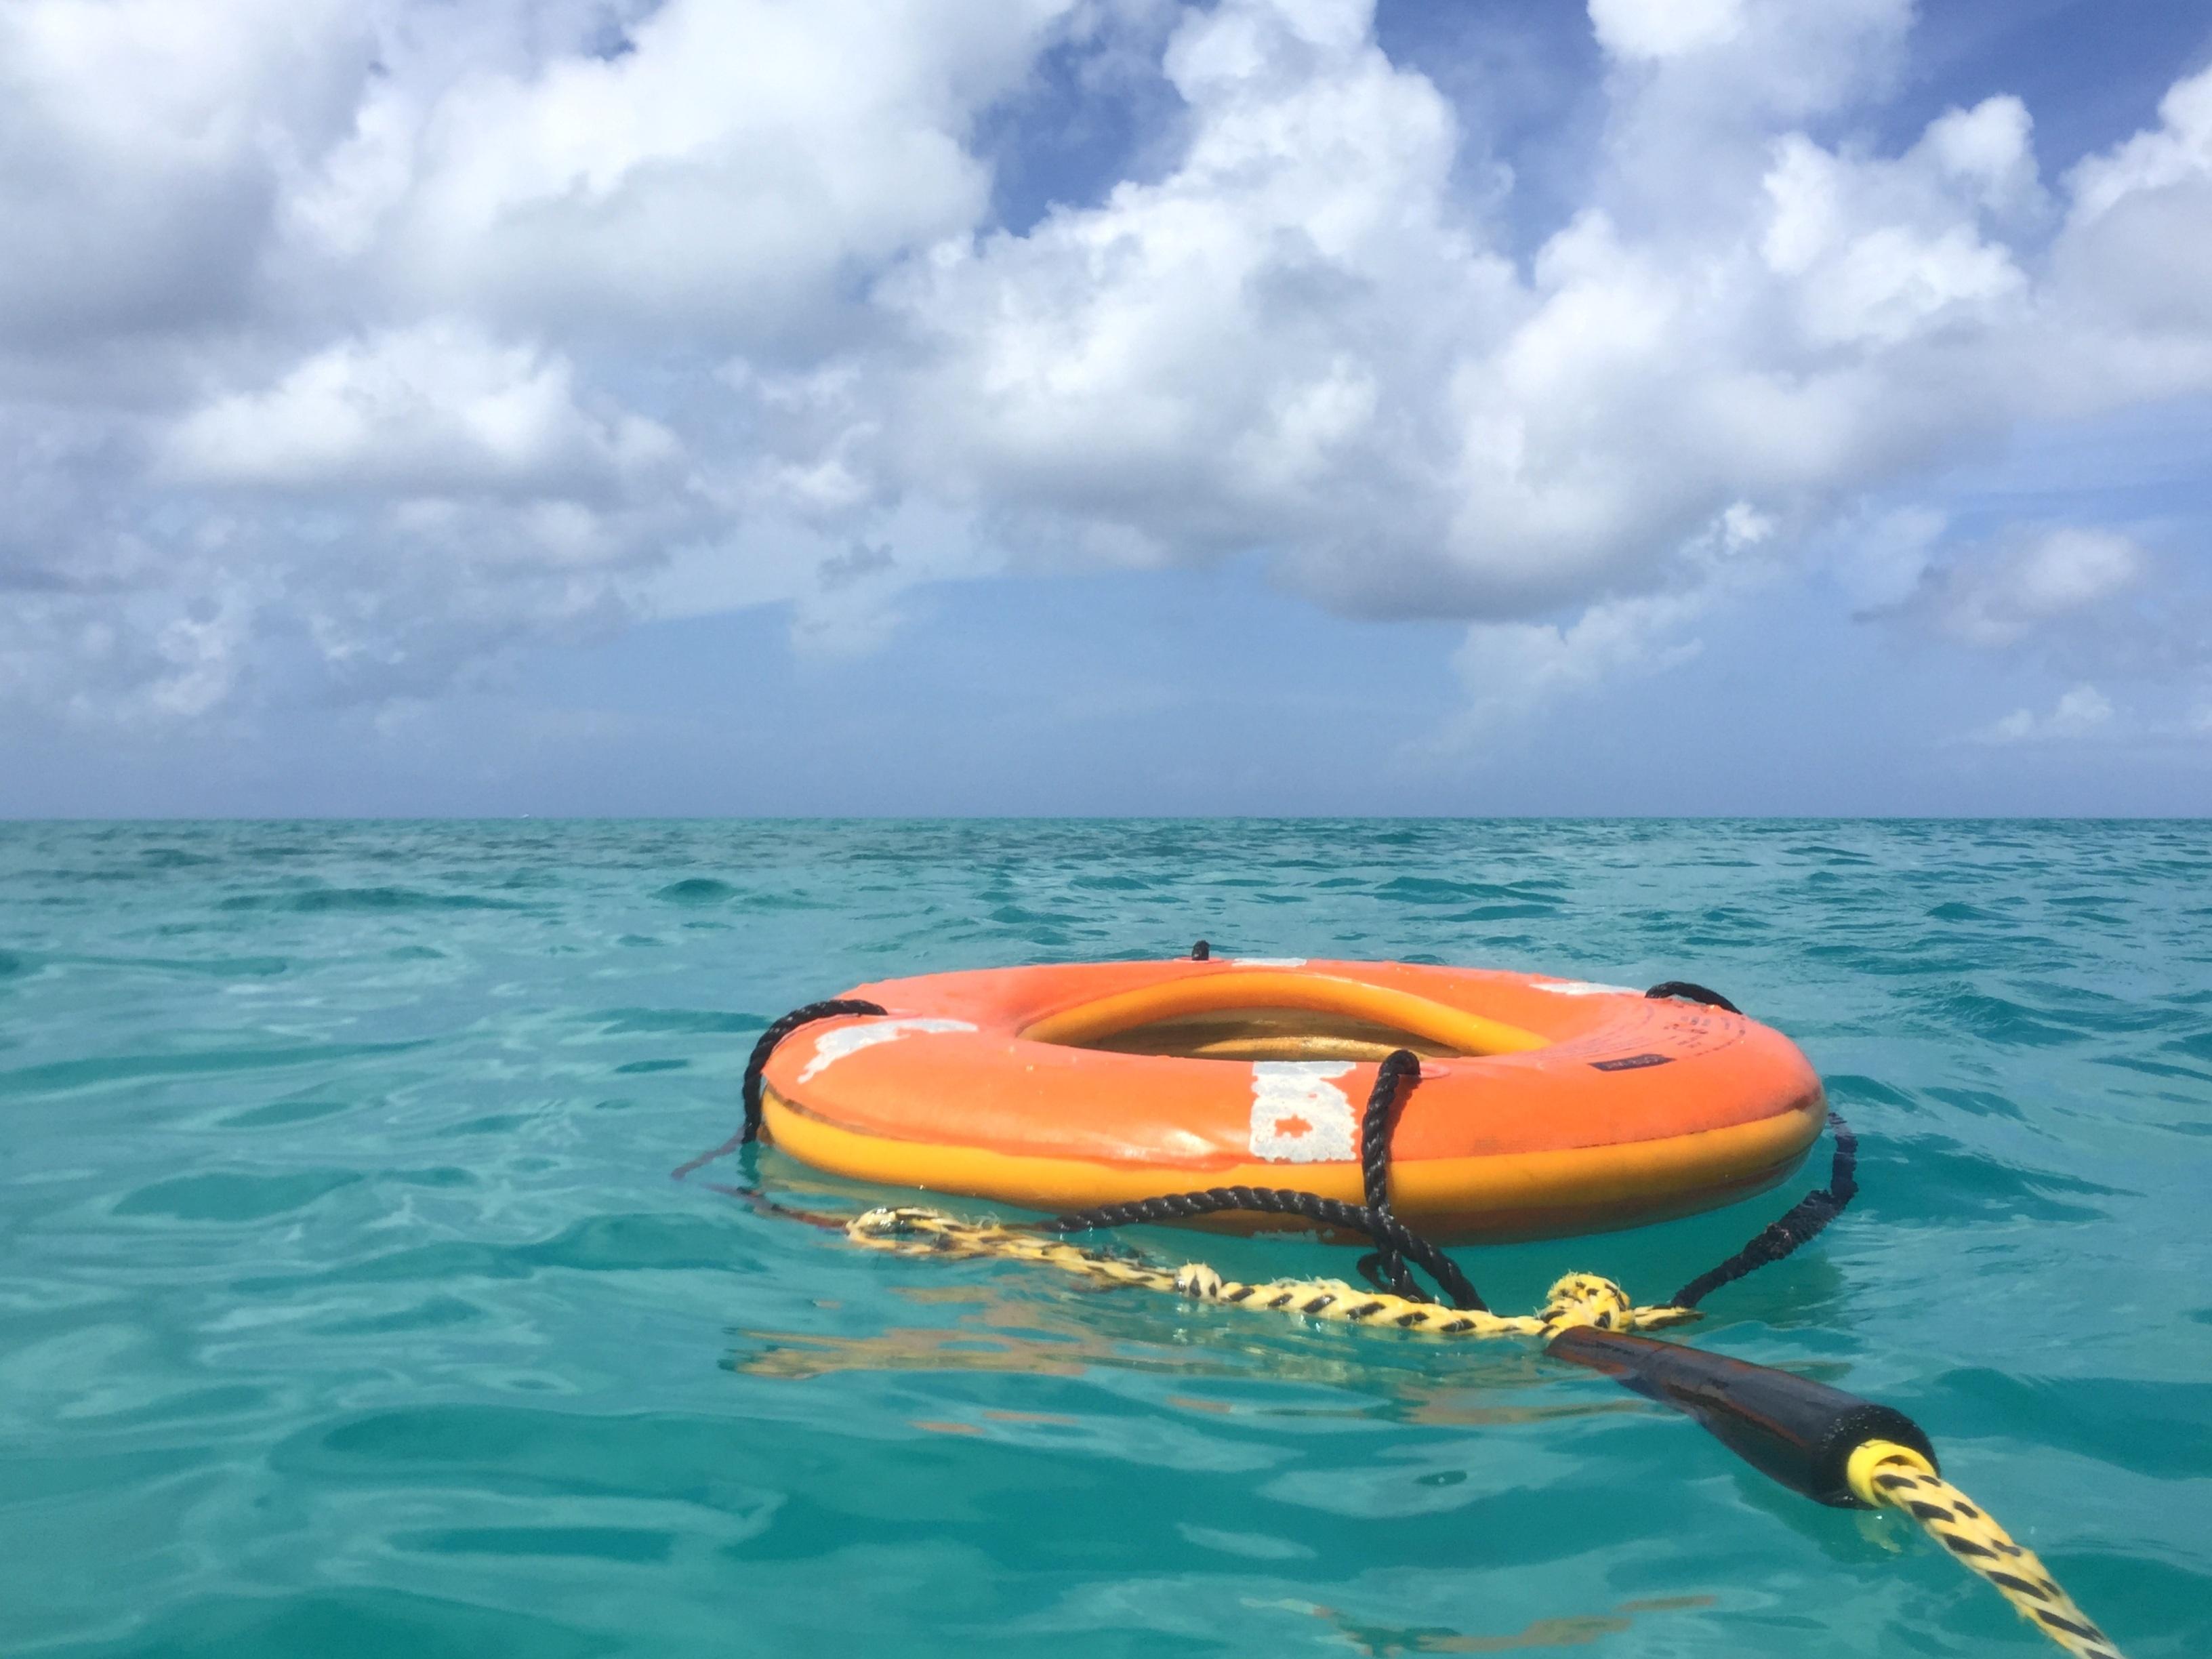 Wunderschön Pool Salzwasser Das Beste Von Strand Meer Wasser Boot Fahrzeug Bucht Kajak